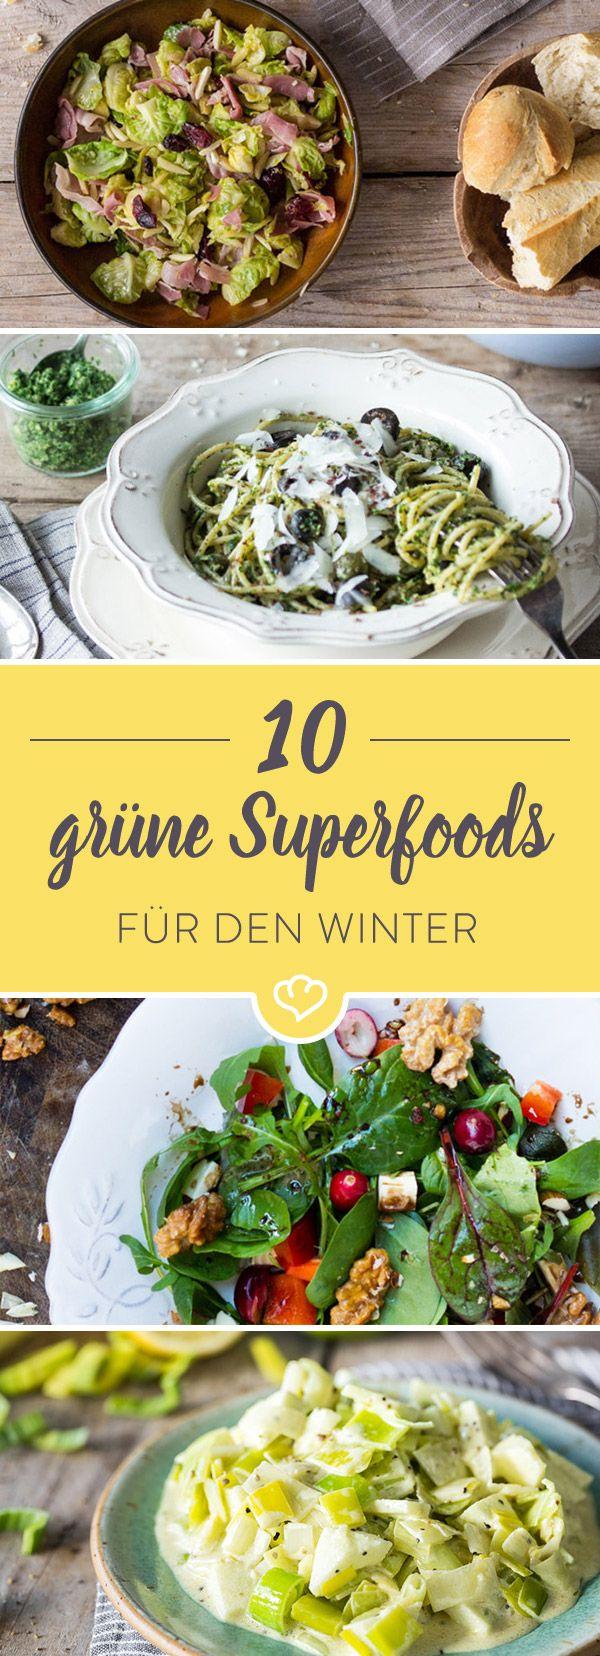 Grünkohl, Feldsalat und Co. sind echte Superfoods. Sie alle punkten mit besonders vielen Nährstoffen, die uns dabei helfen, fit durch den Winter zu kommen.